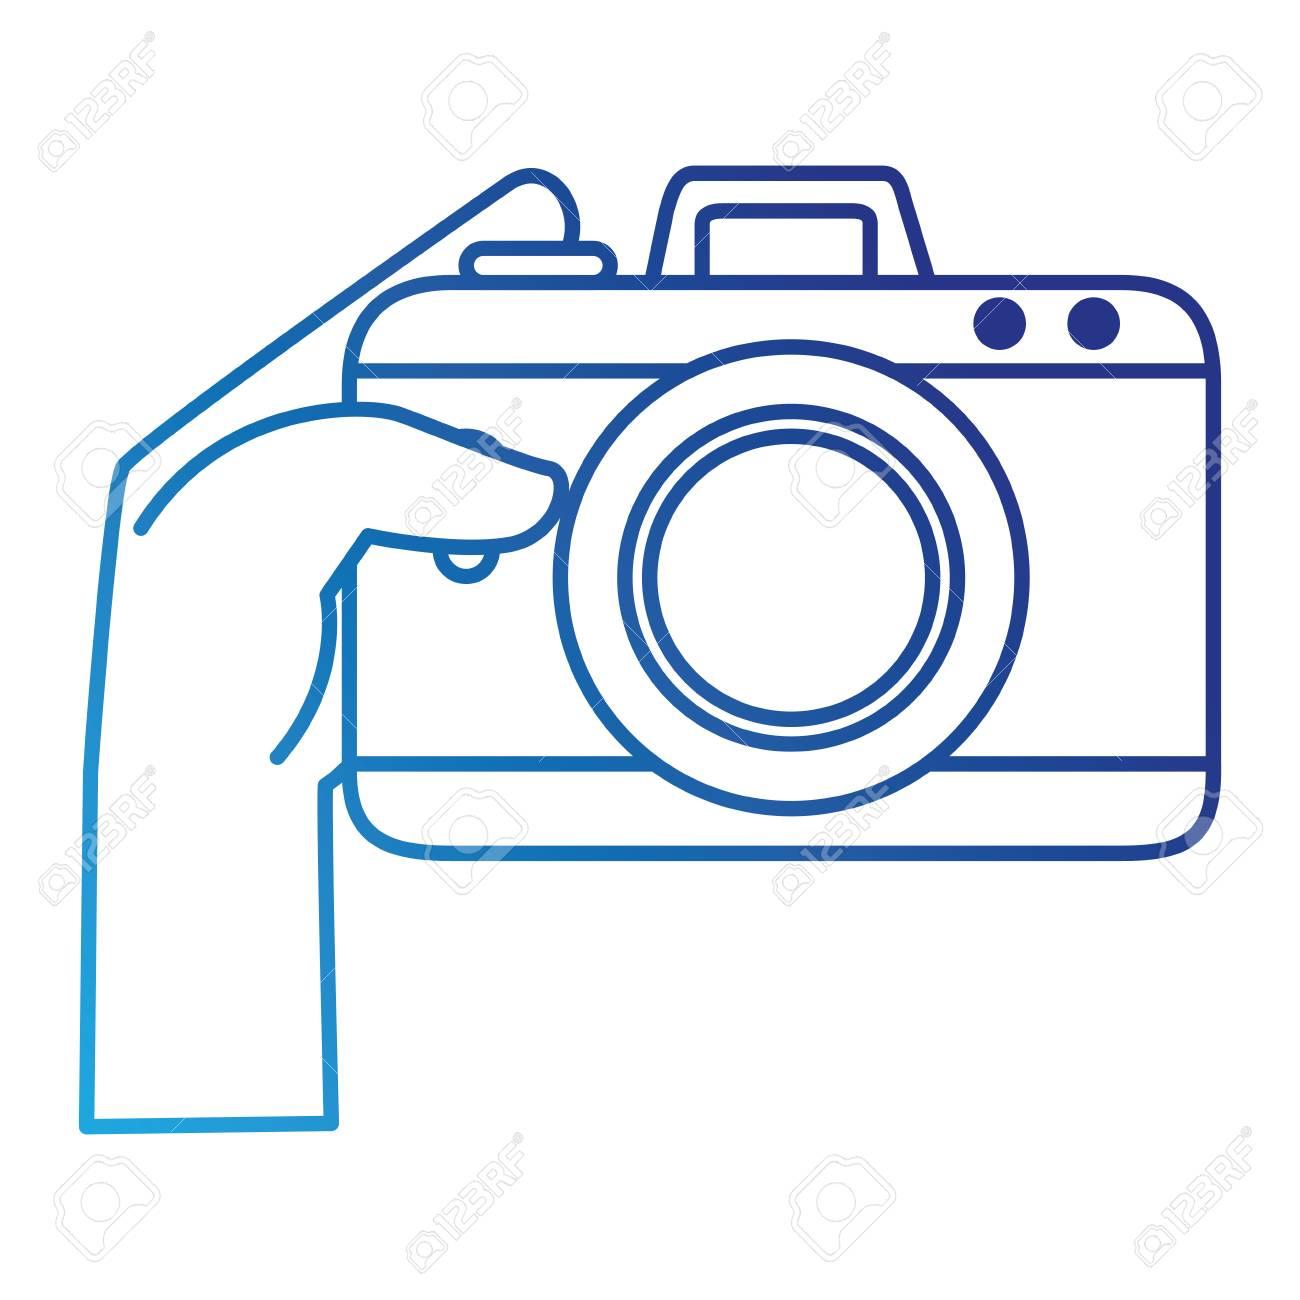 カメラ写真分離アイコン イラスト デザインを持つ手ユーザー